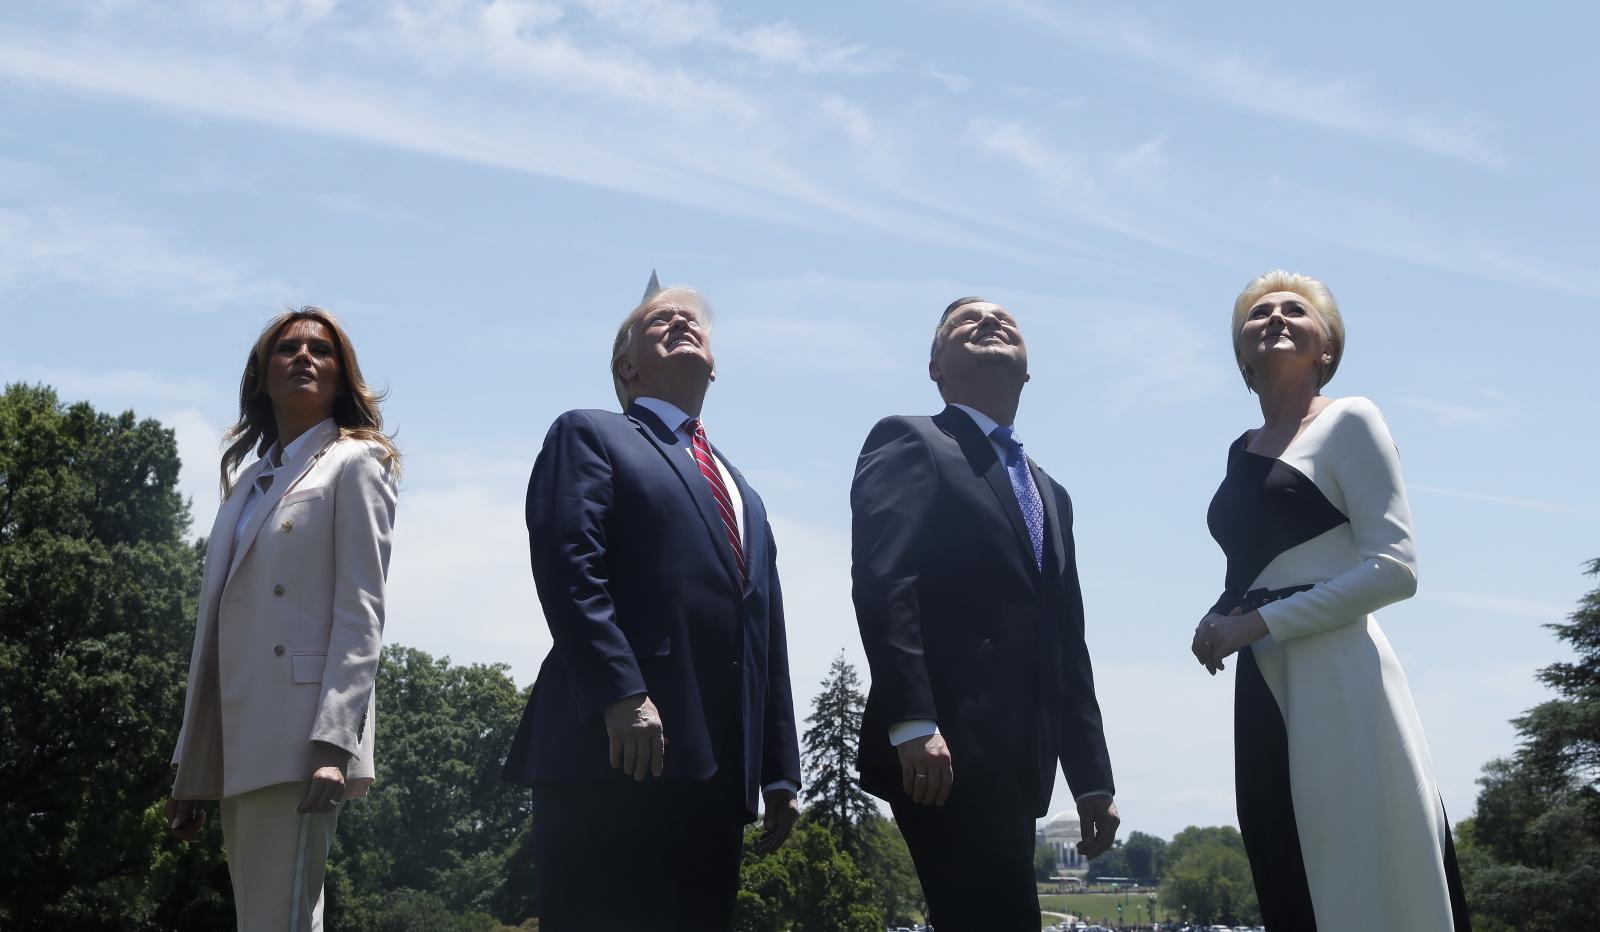 Dzisiejsze spotkanie głów państw Polski i Stanów Zjednoczonych. Fot. EPA/SHAWN THEW